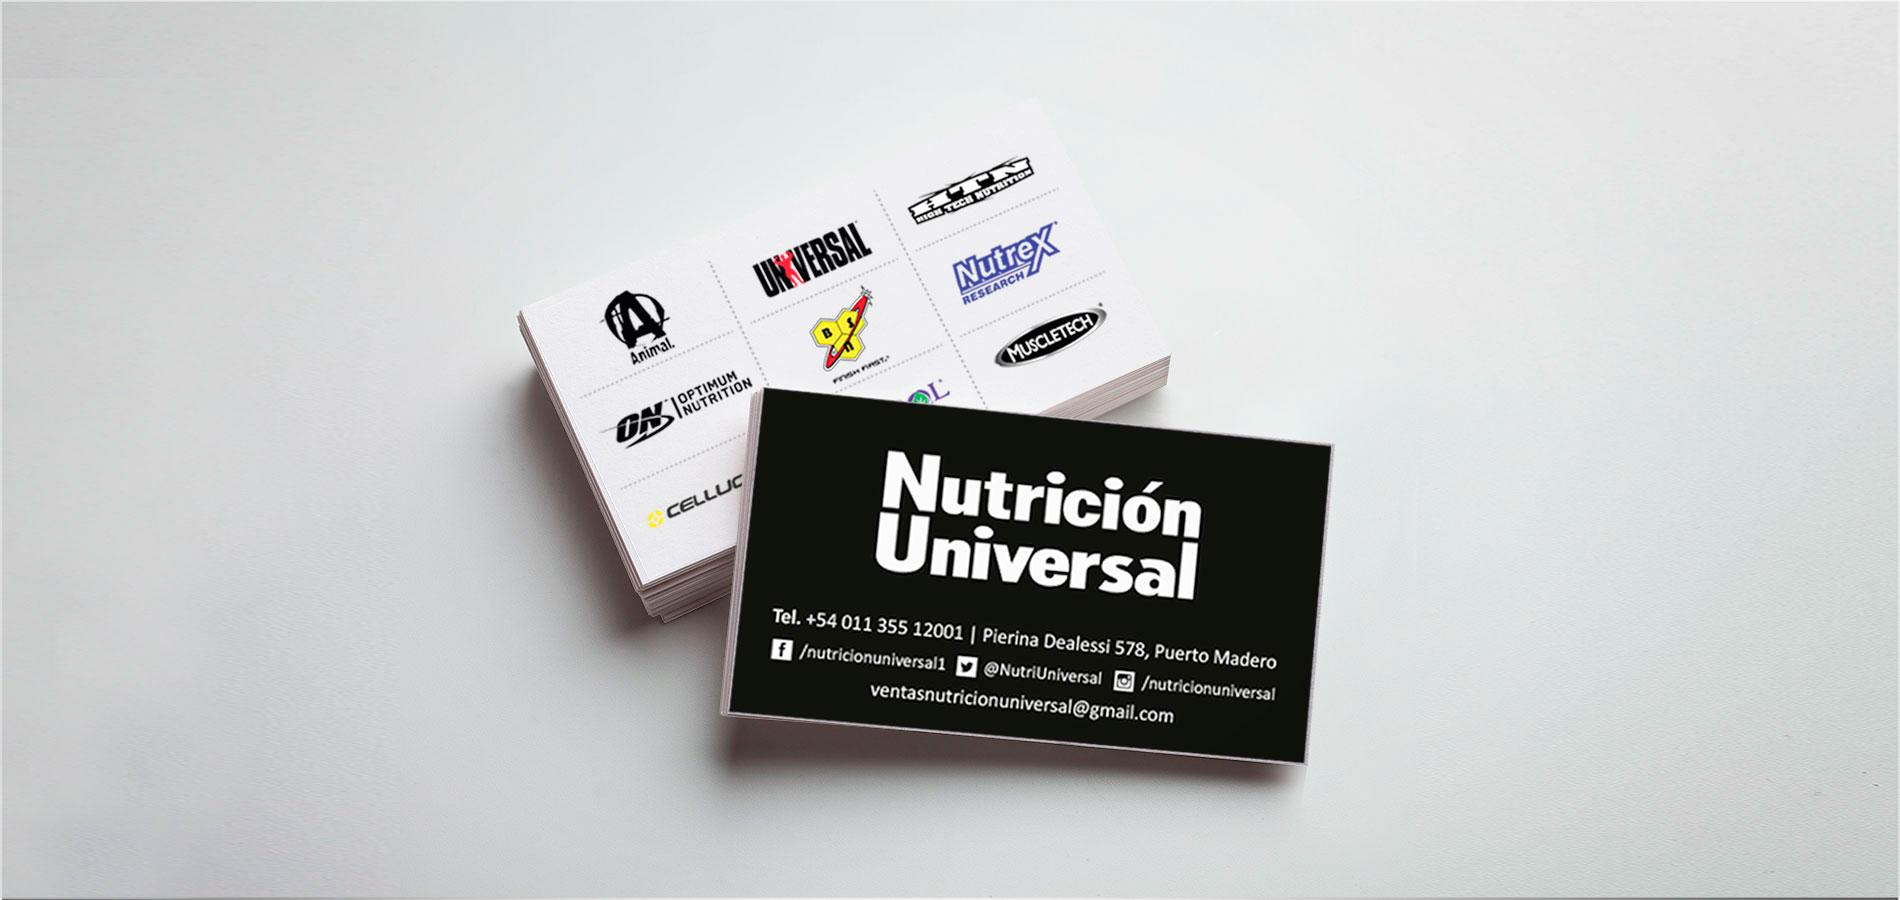 Nutrición Universal